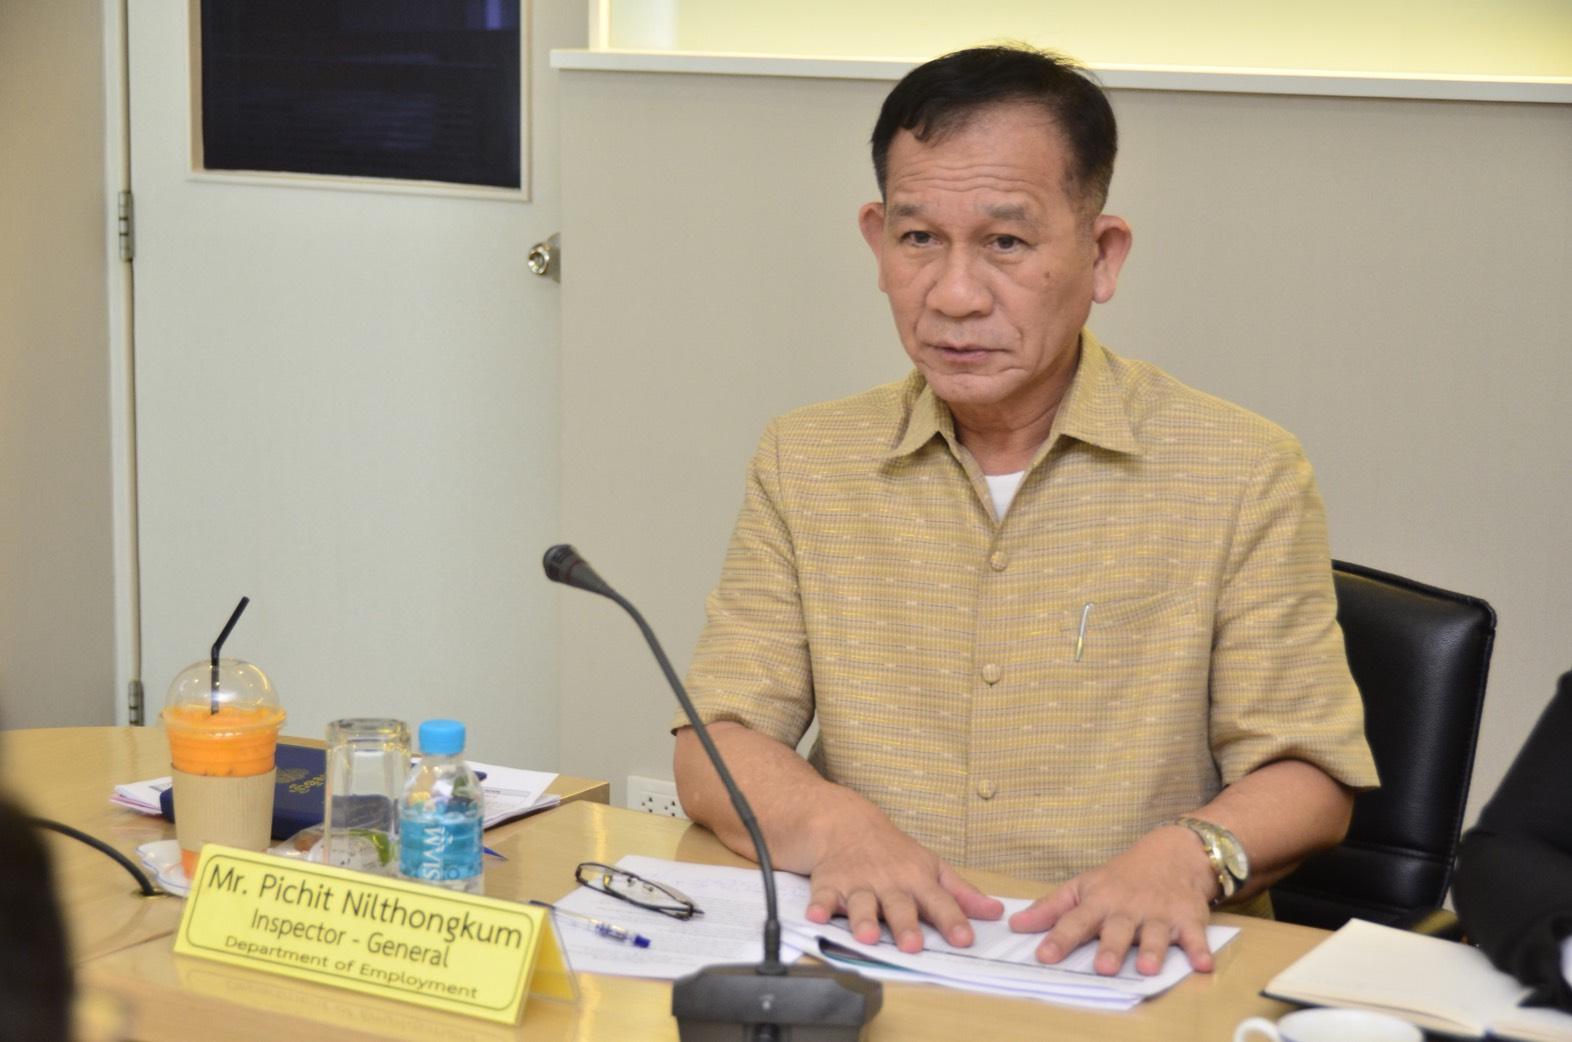 ไทย-กัมพูชาร่วมหารือเร่งรัดพิสูจน์สัญชาติแรงงานกัมพูชาในประเทศไทย